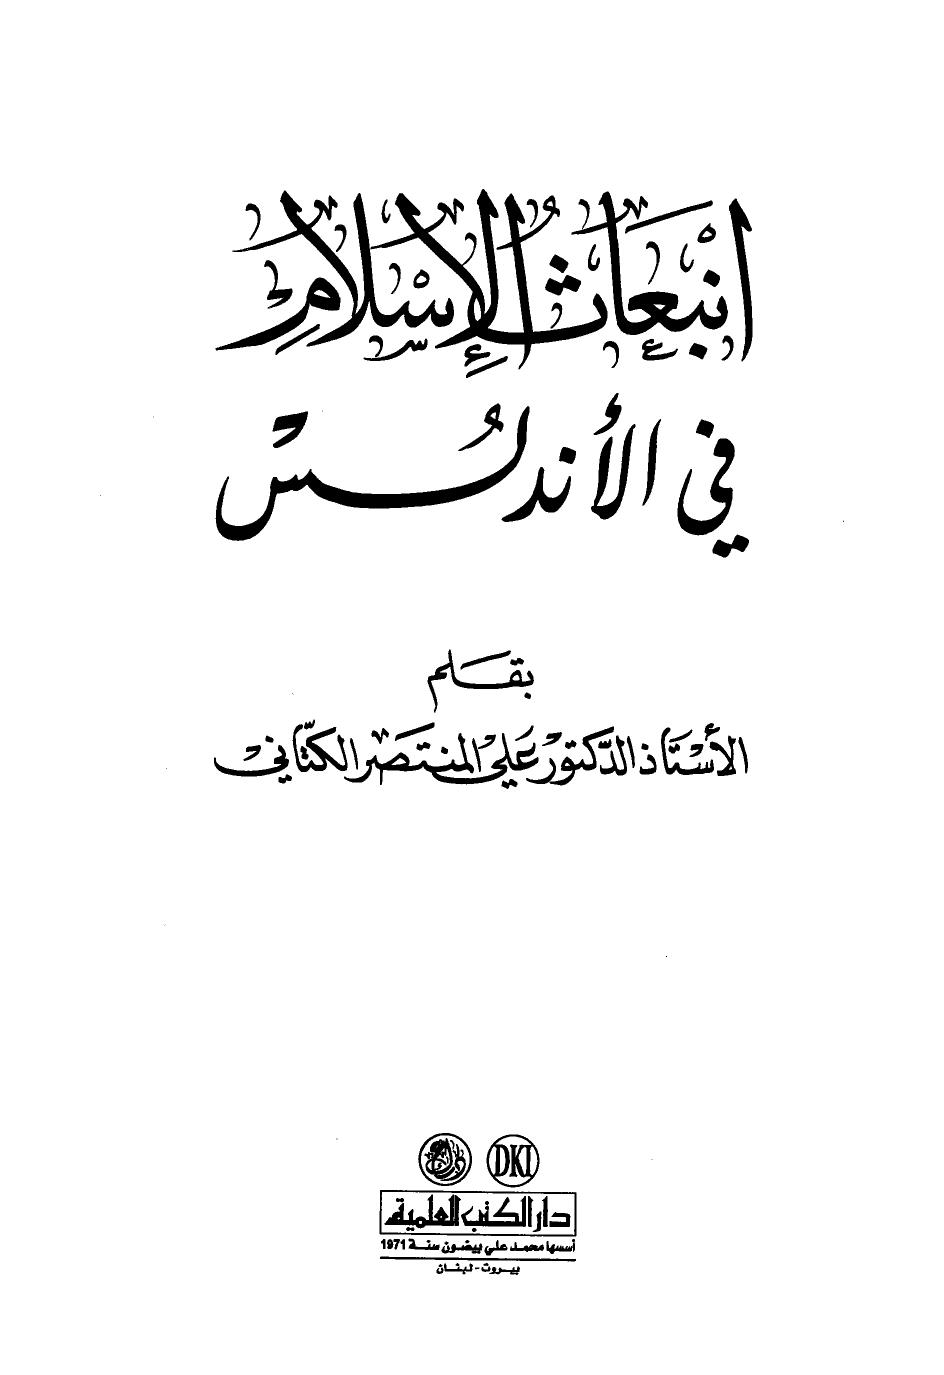 تحمیل انبعاث الإسلام في الأندلس علي المنتصر الكتانيpdf In 2021 Arabic Calligraphy